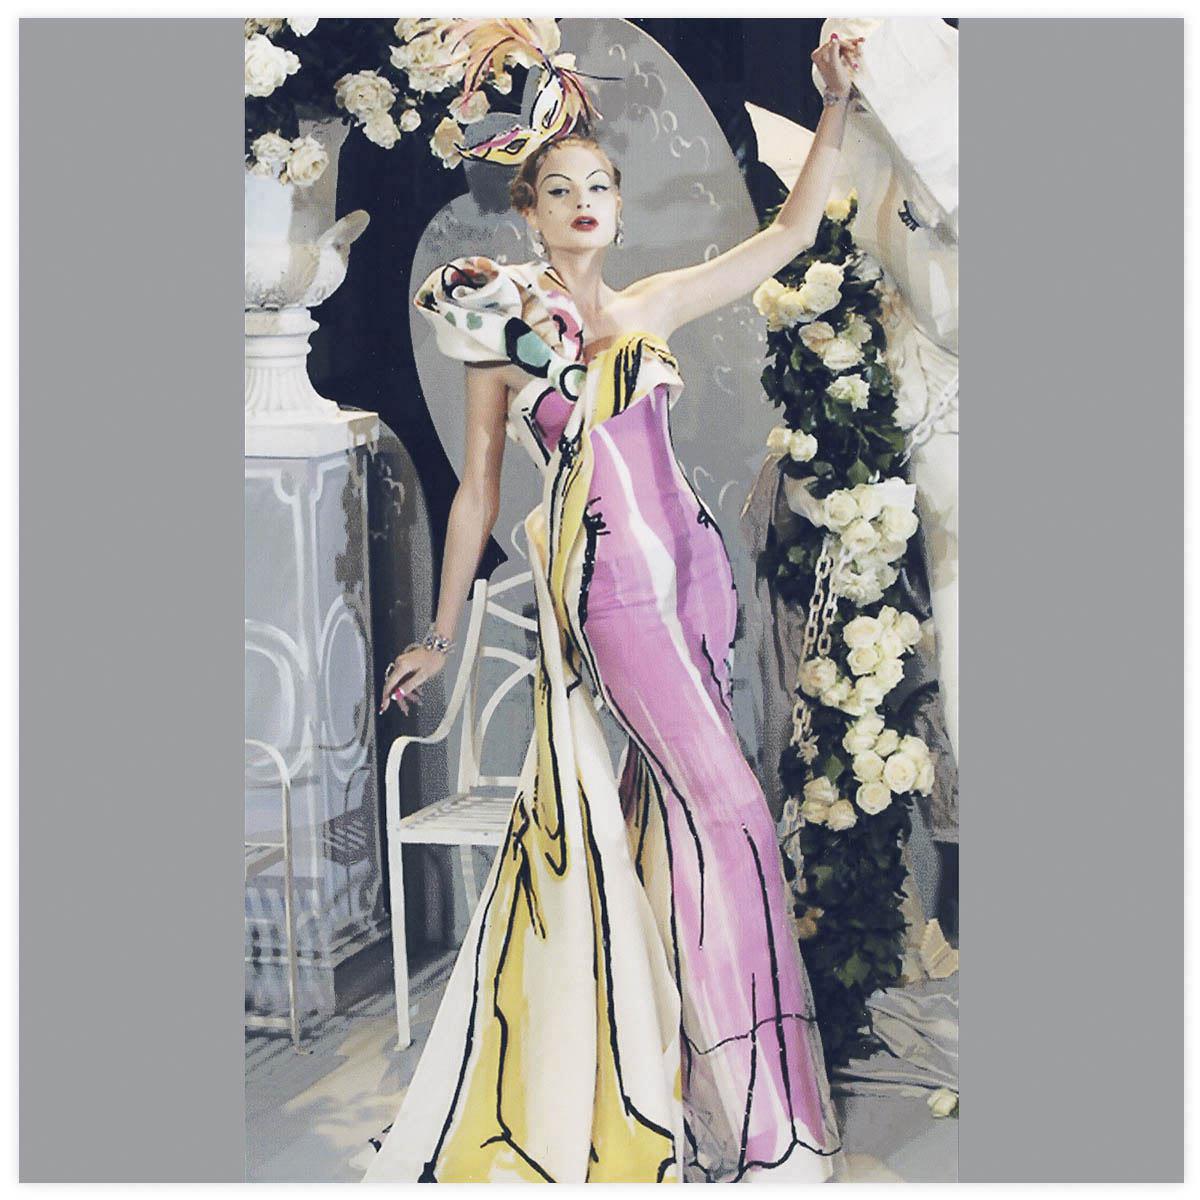 Christian Dior Haute-Couture Défilé 2007 Styliste J. Galliano Peinture à la brosse sur tissu à plat. Présentée à l'exposition Christian Dior au musée des arts décoratifs Paris en 2018